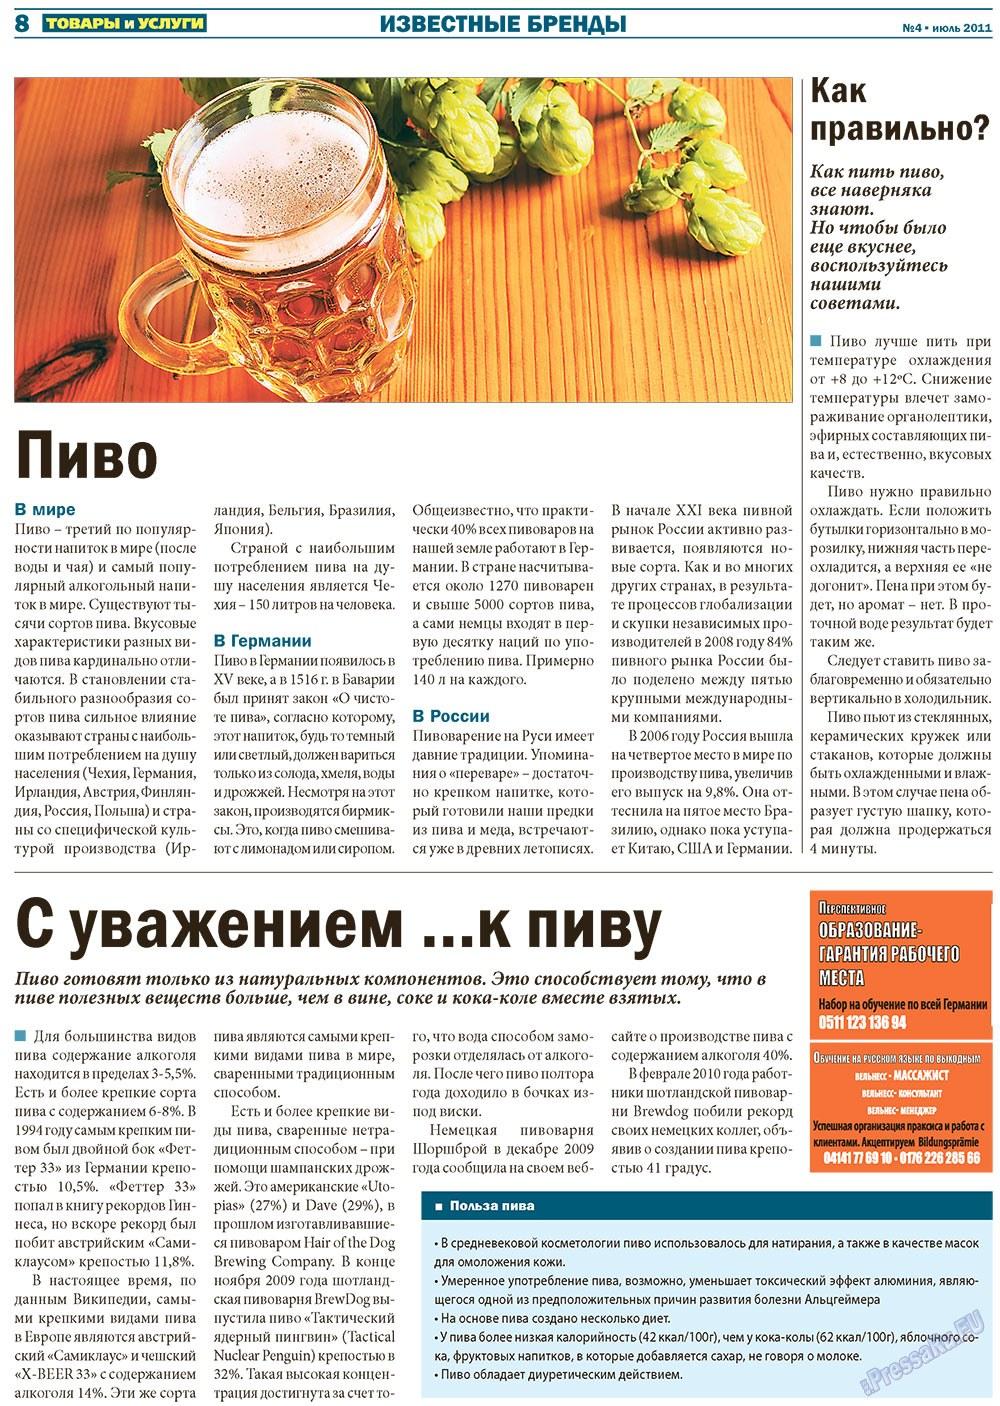 Товары и услуги (газета). 2011 год, номер 4, стр. 8